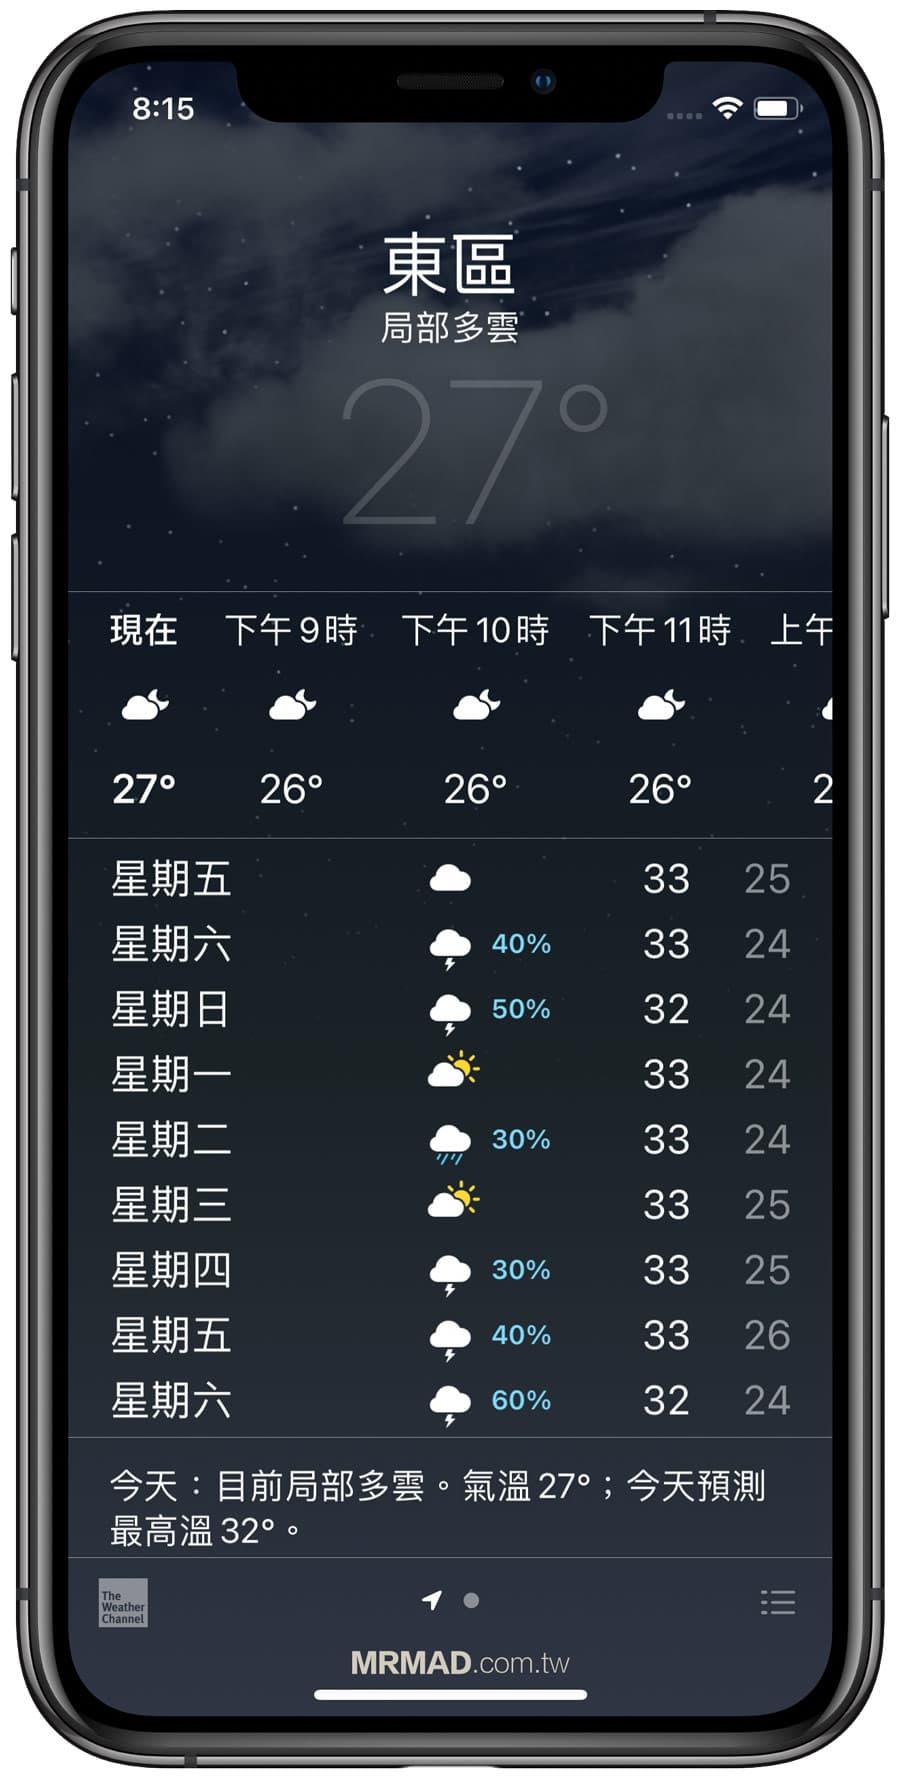 天氣也能查詢降雨機率